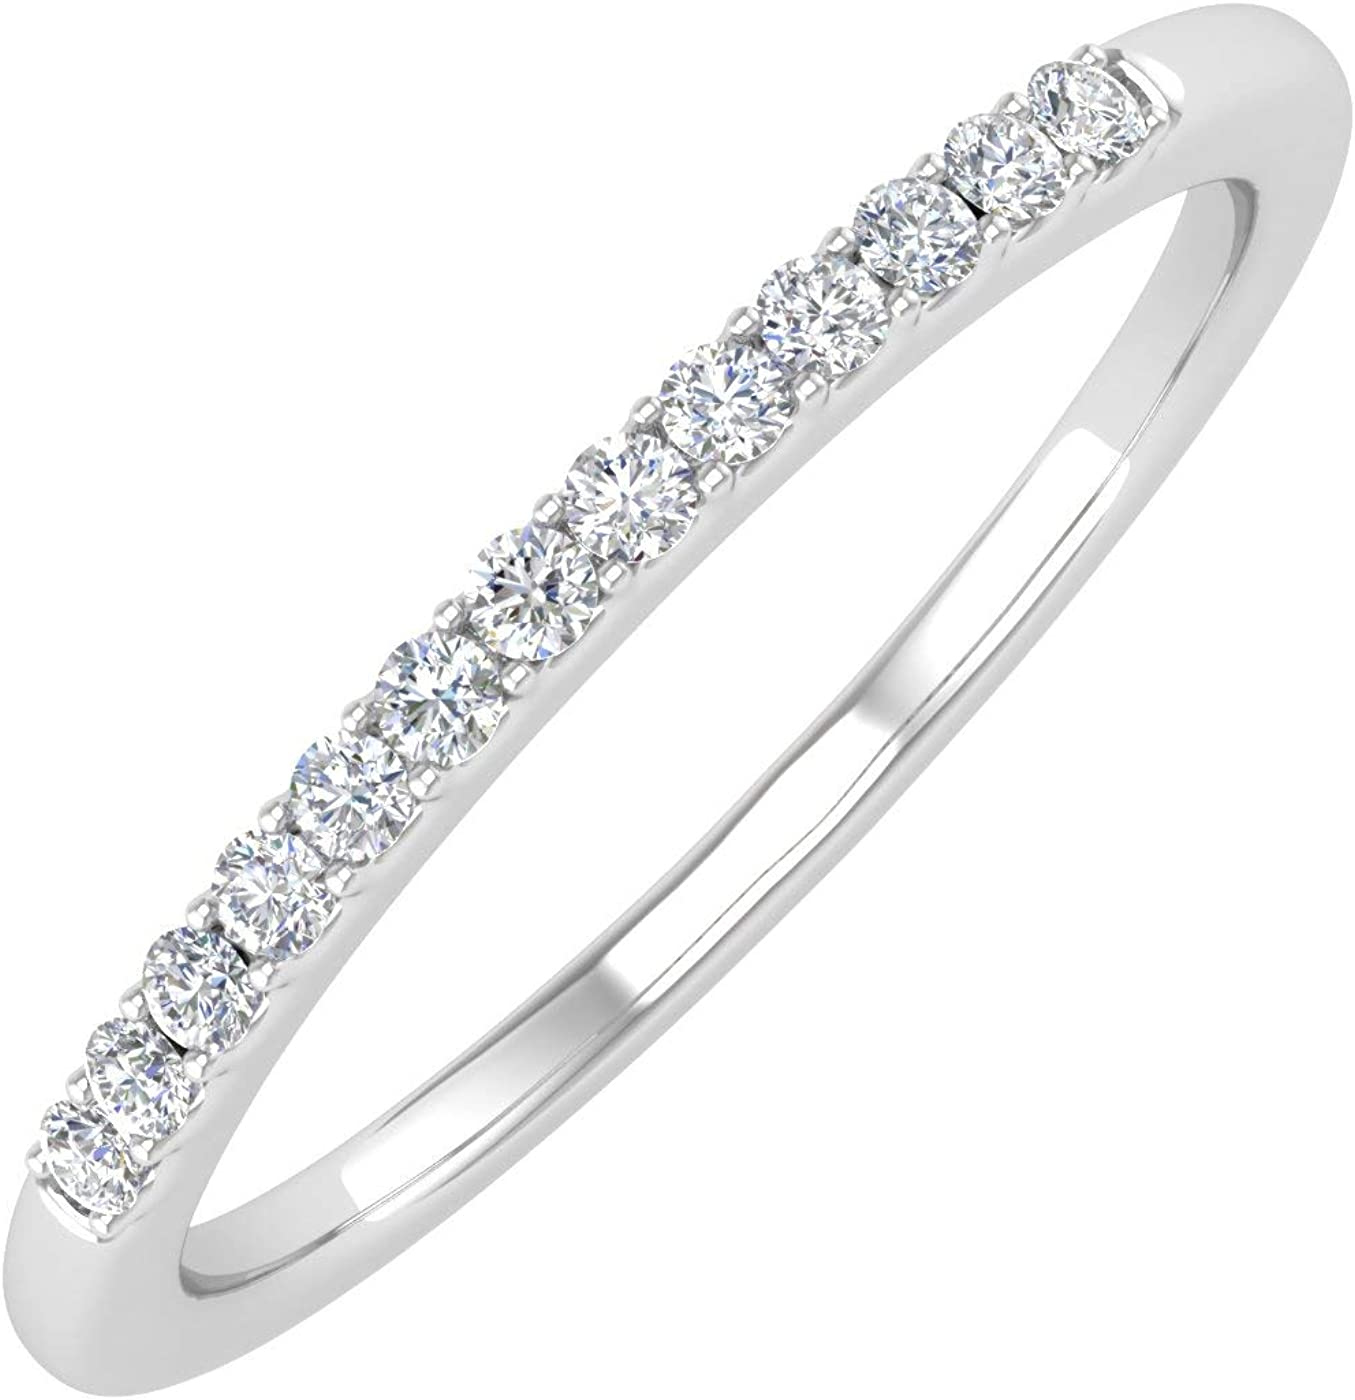 1 Milwaukee Mall 10 Carat Diamond Anniversary Band 10K Gold Ring in Superlatite